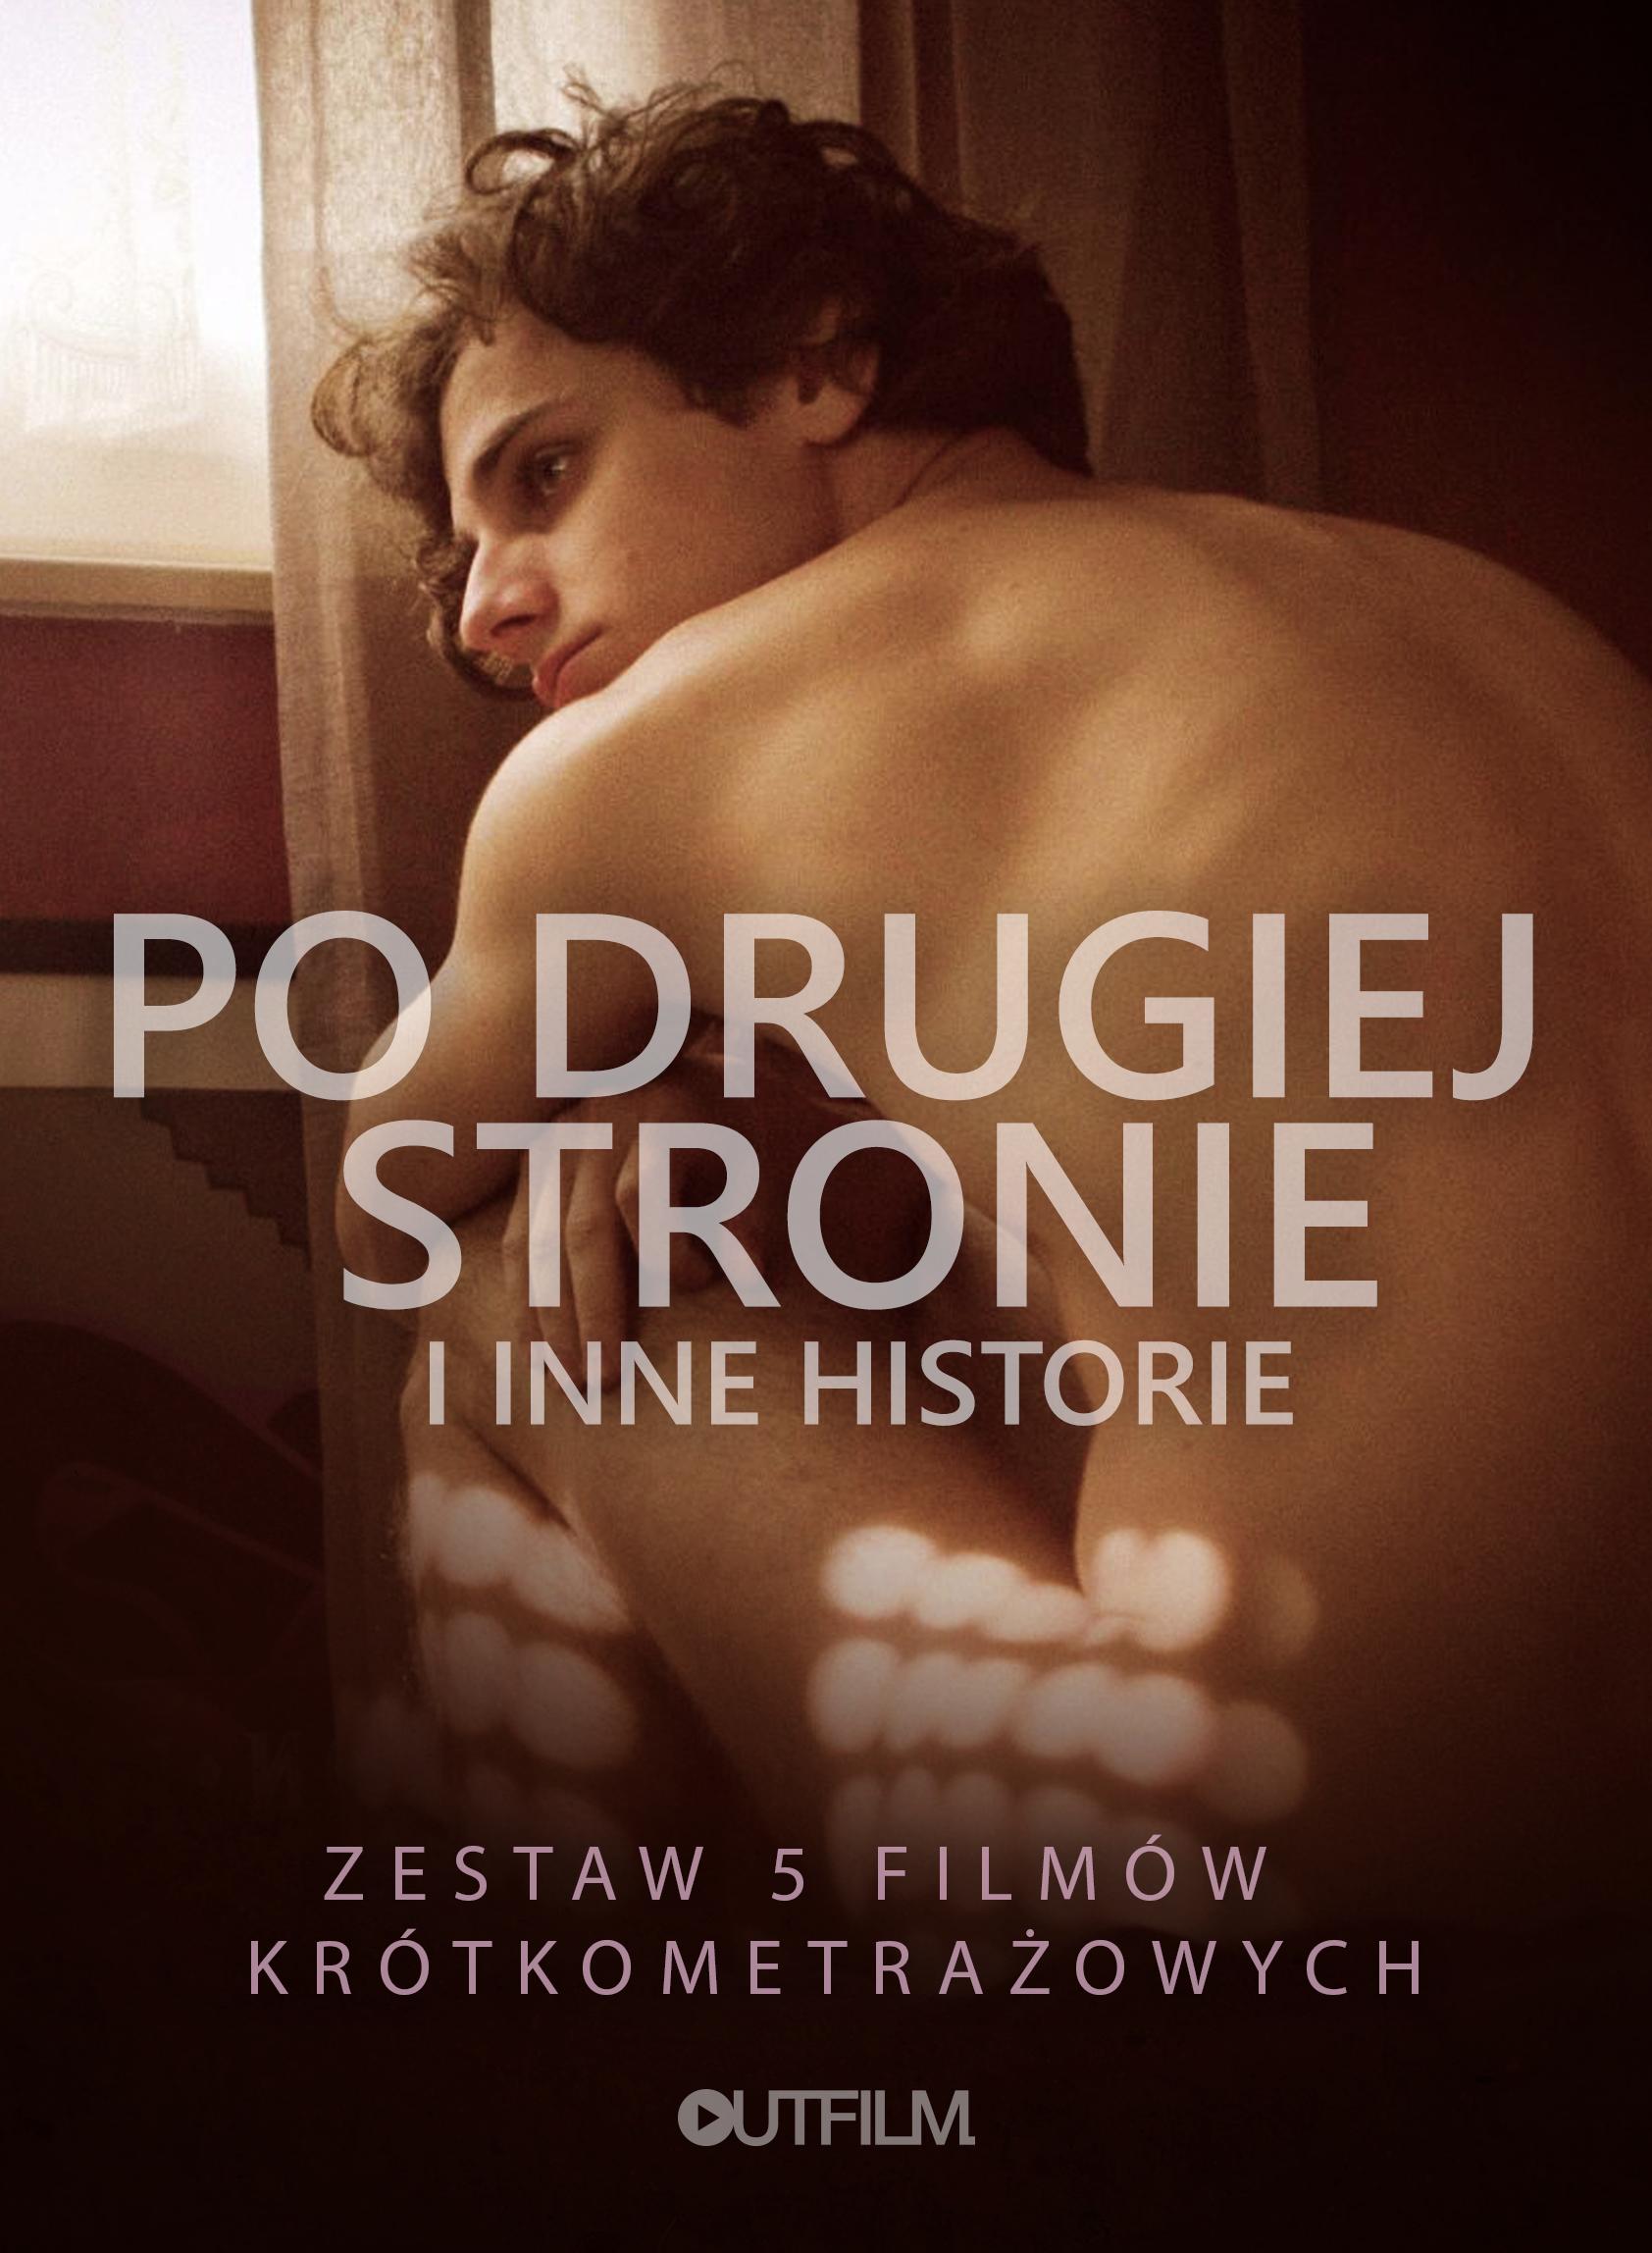 chłopcy historie seksu gejowskiego desi seks gejowski strona